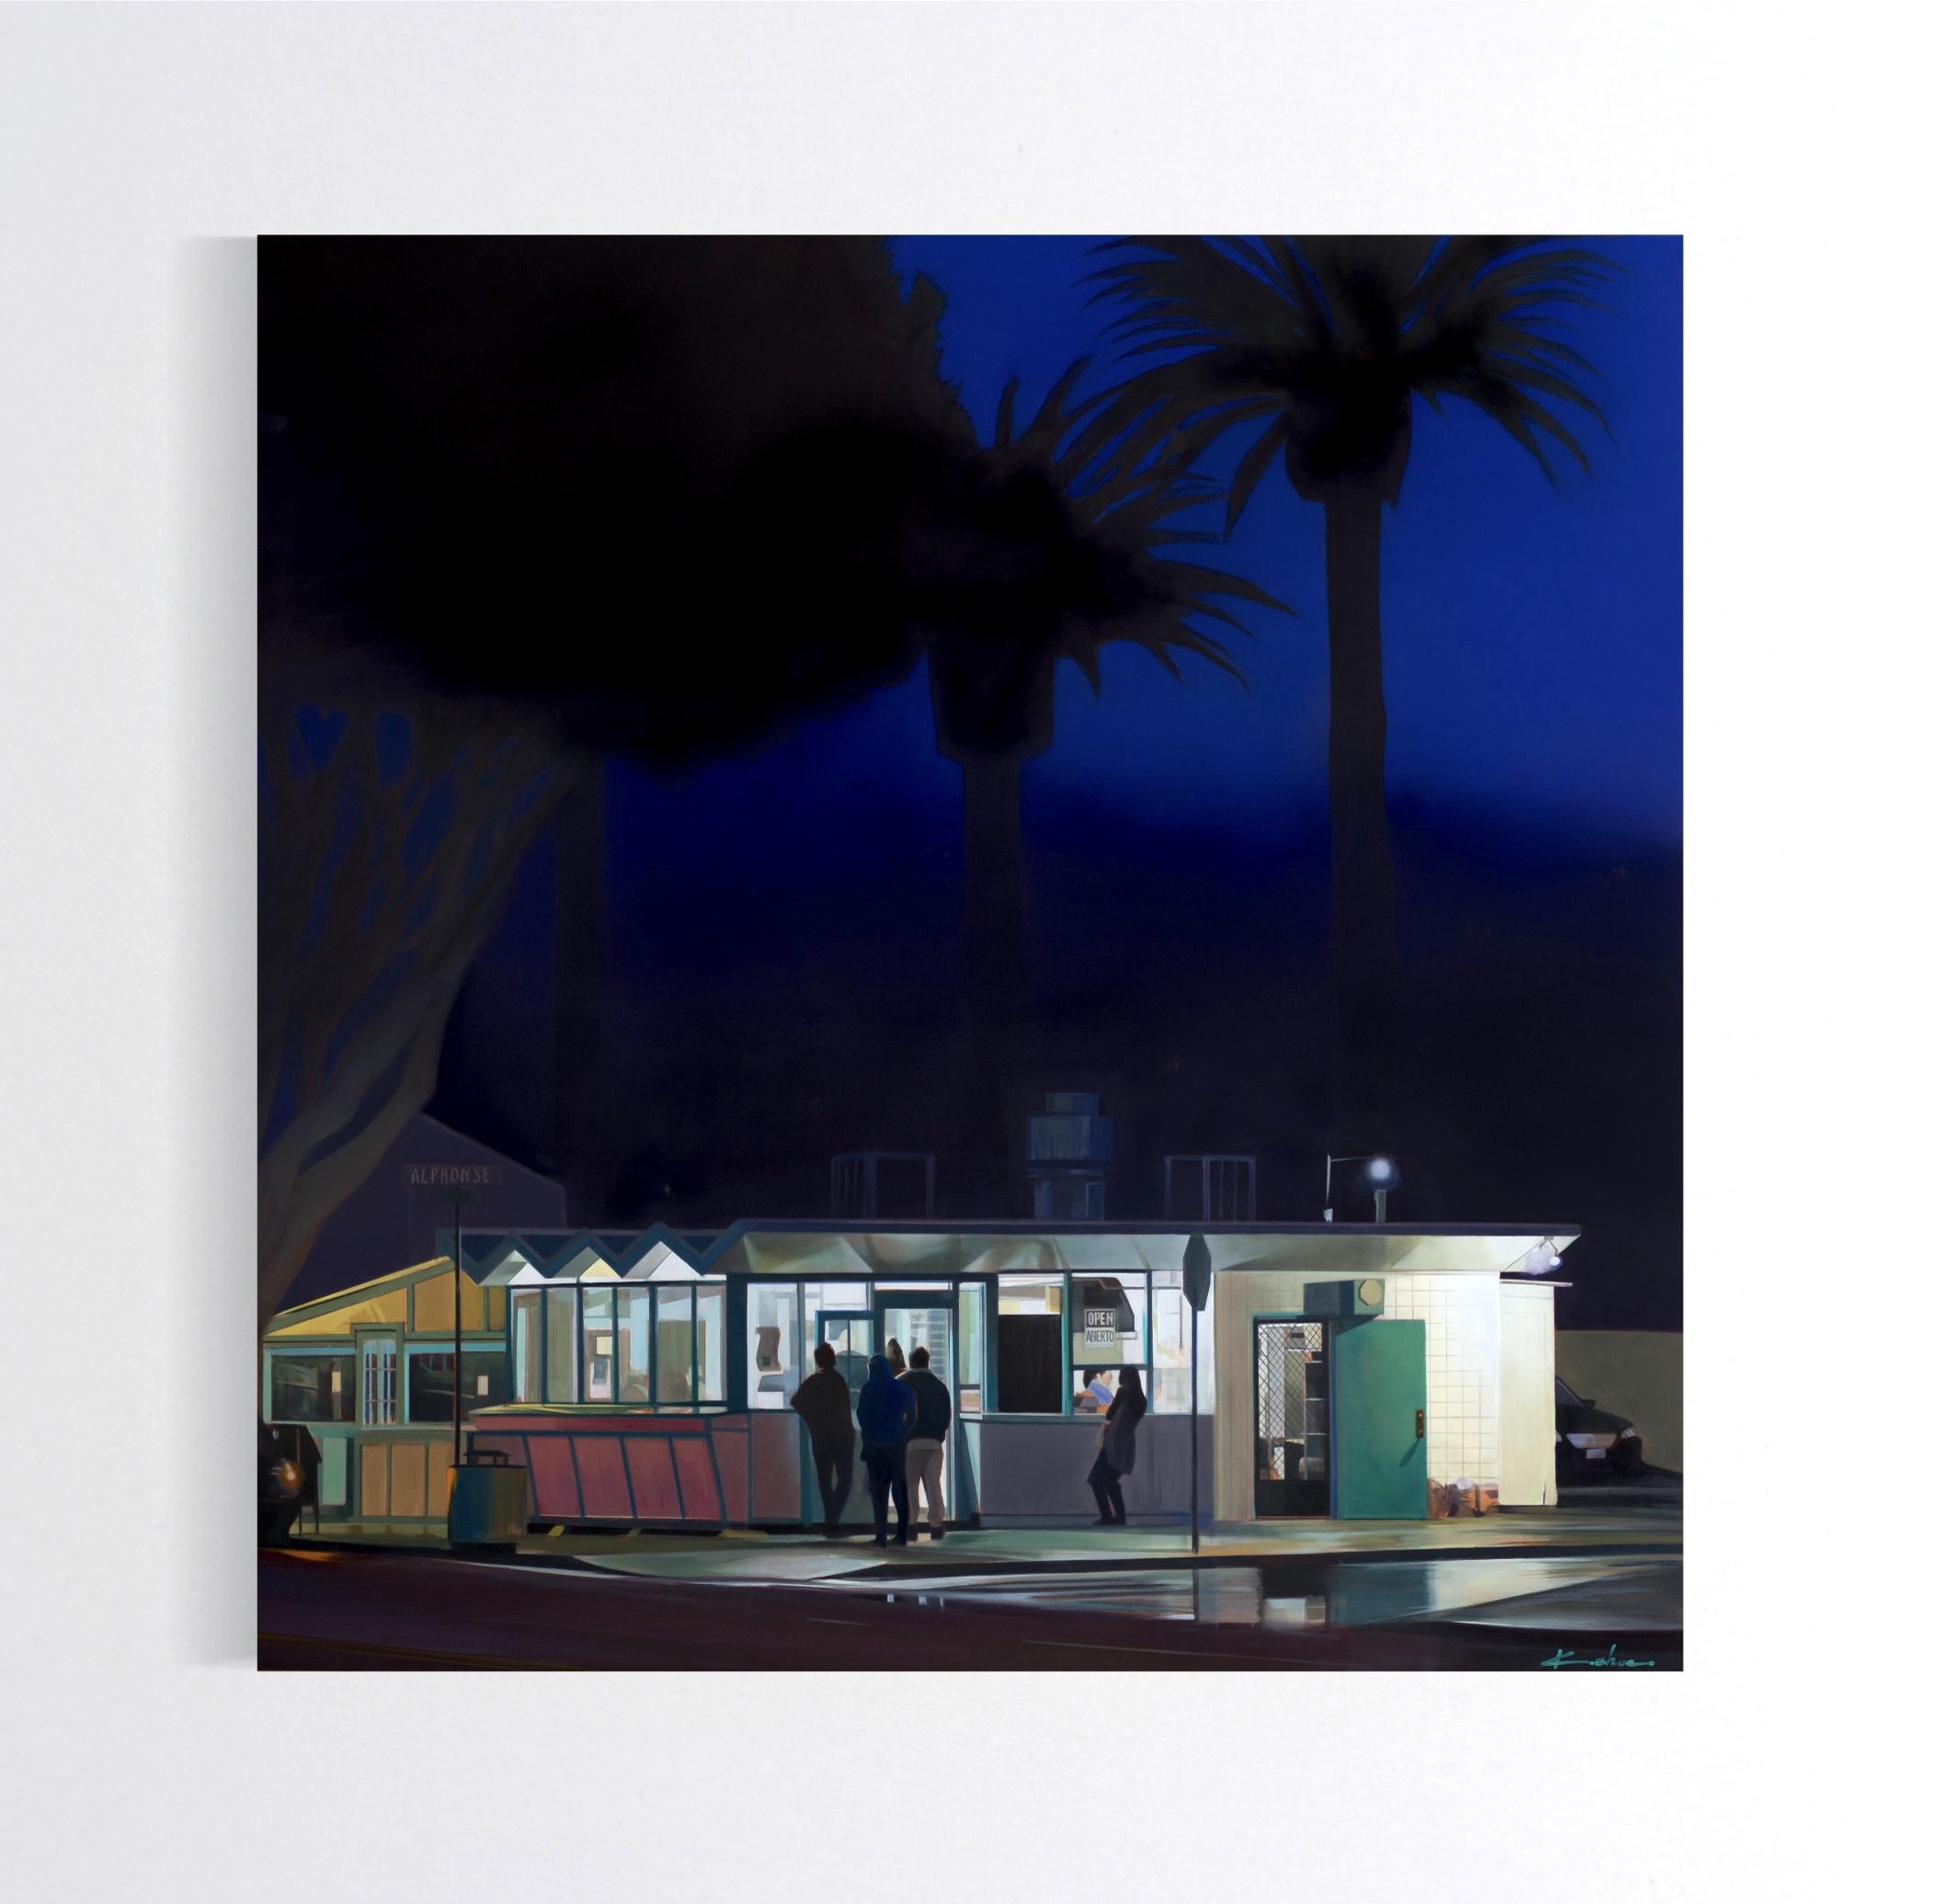 Title: LA TAQUERIA  28 X 28, Oil on Board  Available at Altamira Fine Art in Scottsdale, AZ